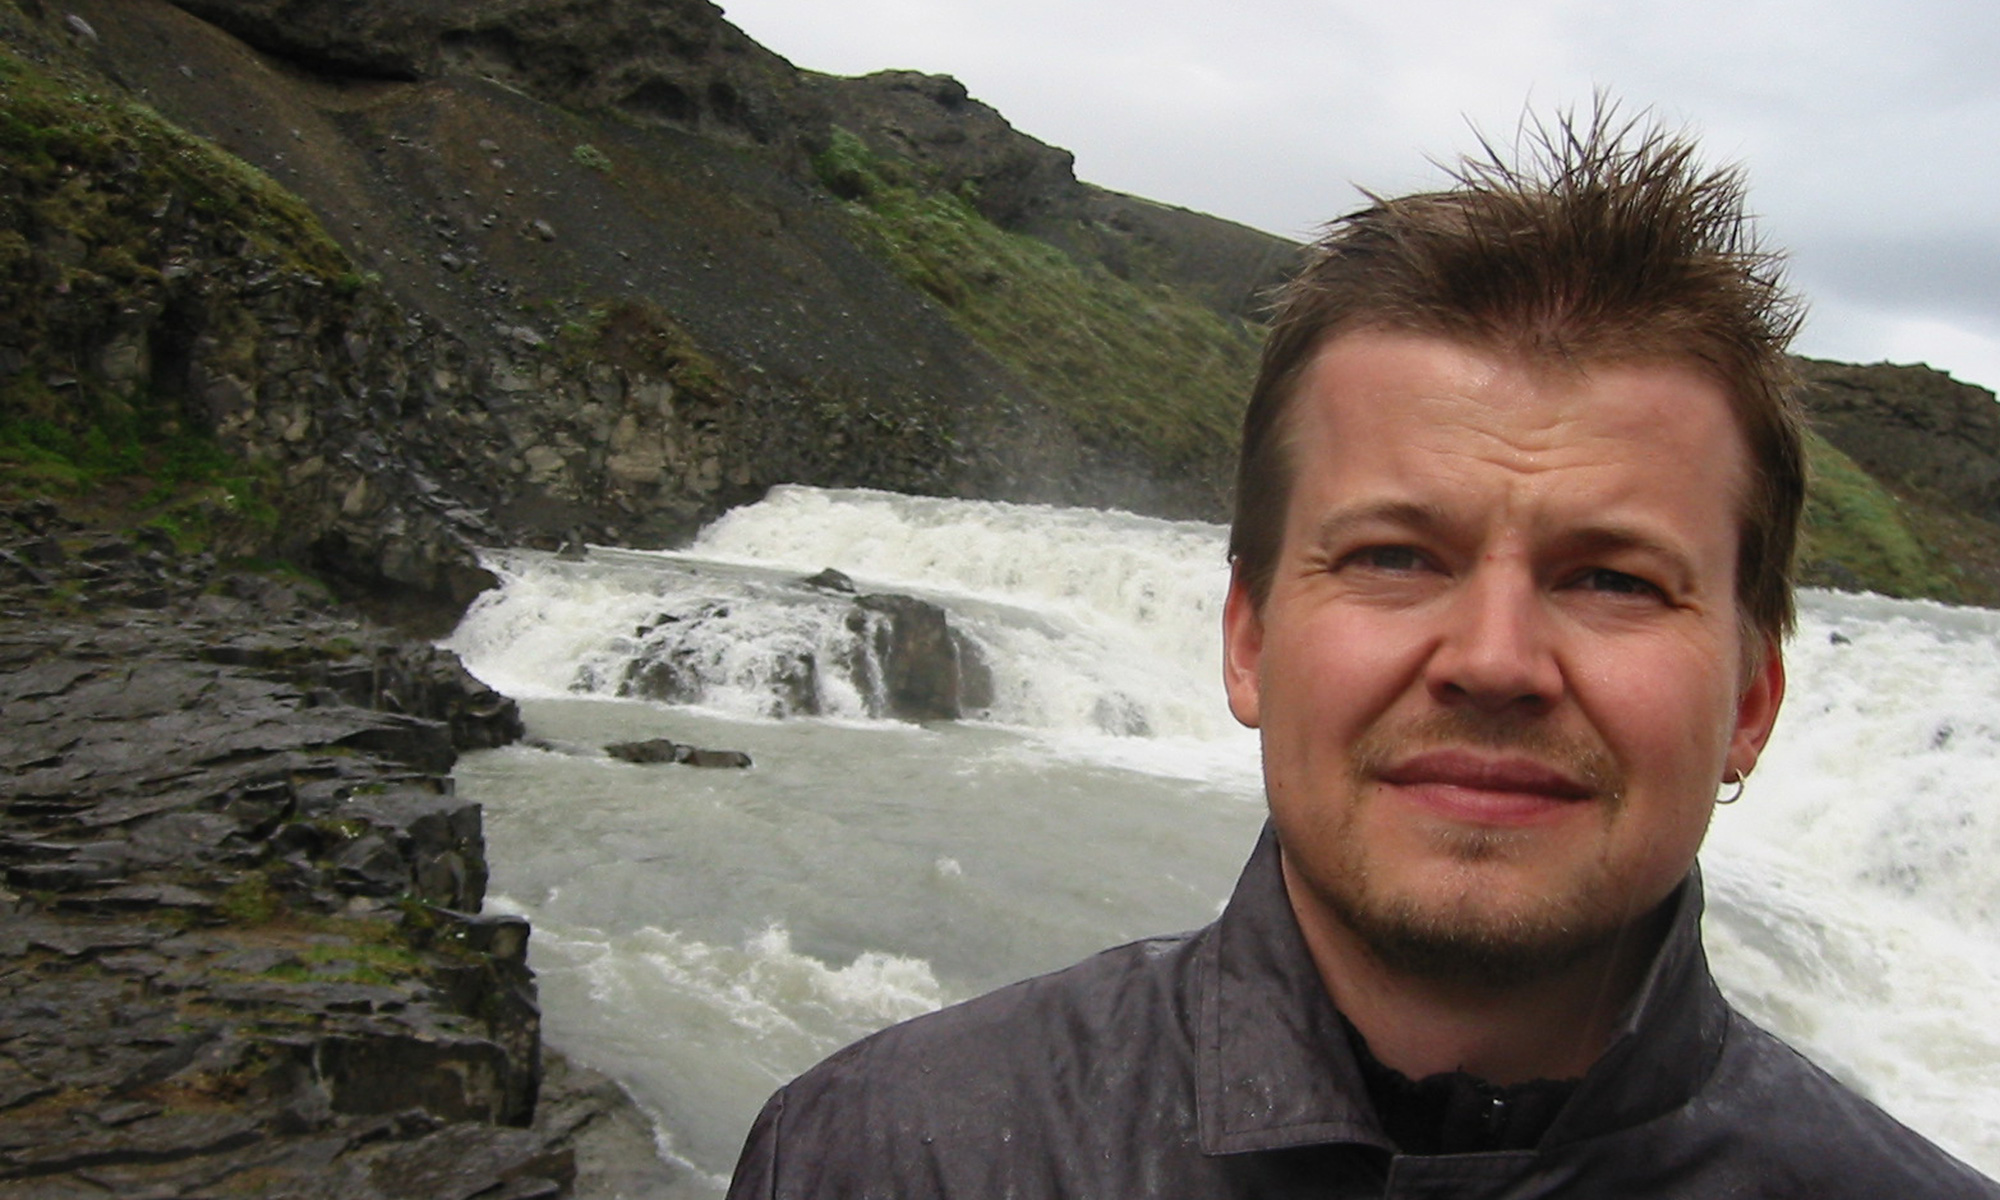 Patrick Wingren